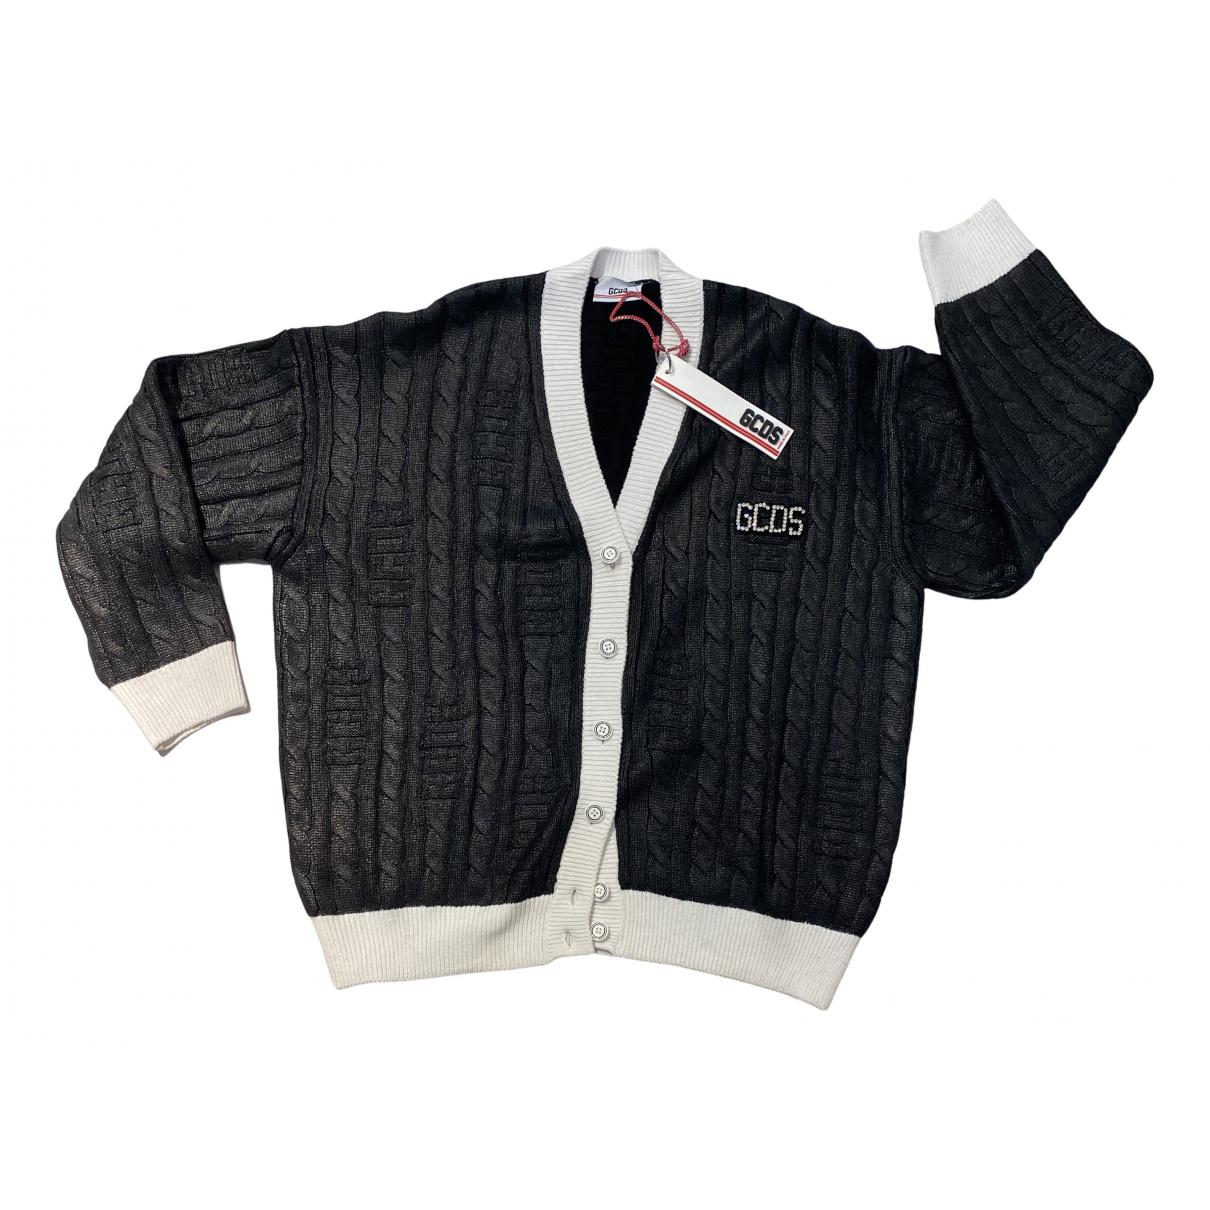 Gcds N Black Wool Knitwear for Women S International